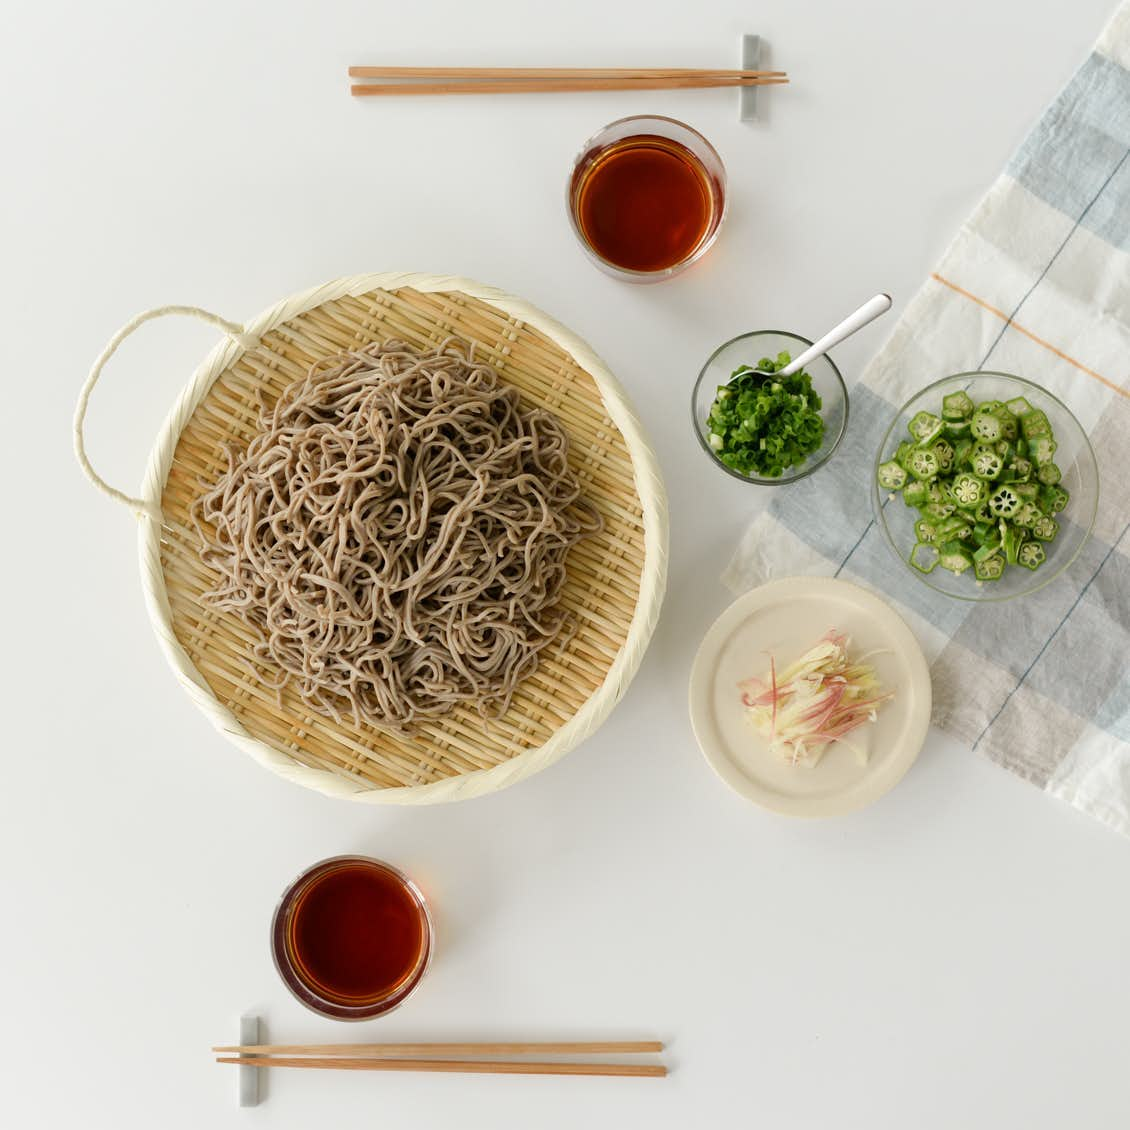 【新商品】持ち手があるだけでこんなに助かる!夏の食卓を彩る、丈夫な竹ざるの登場です。